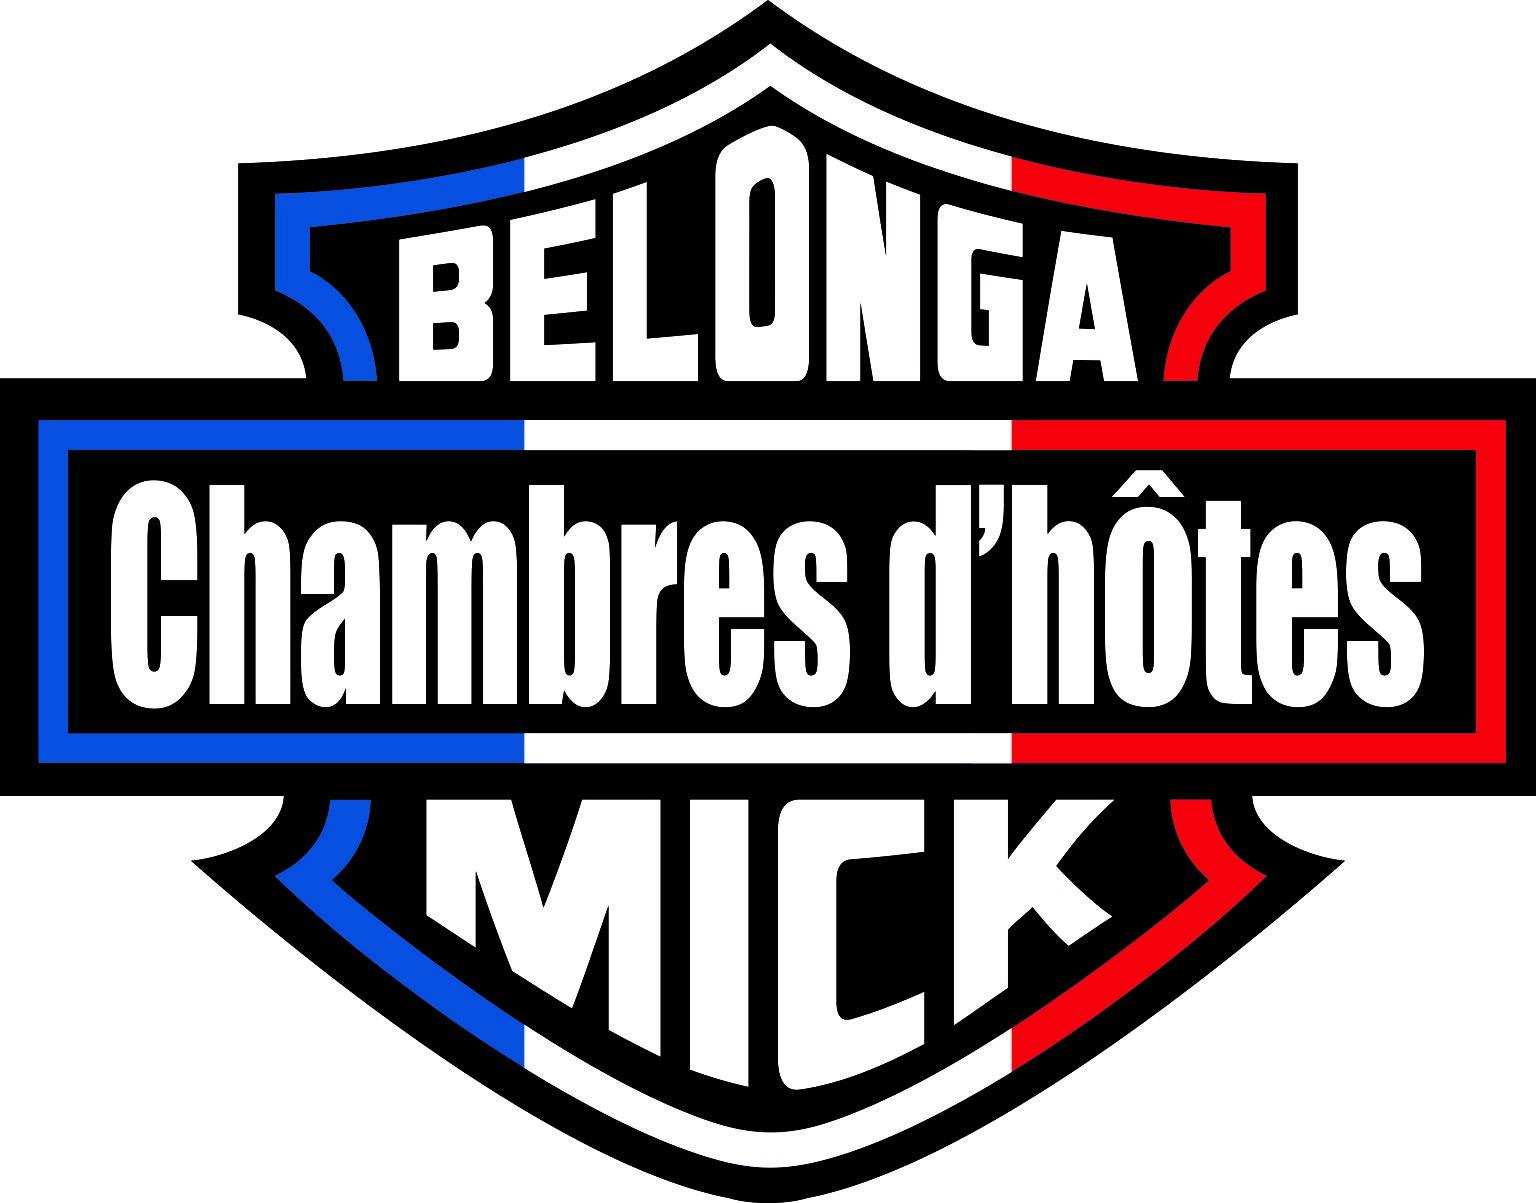 belonga_mick.jpg